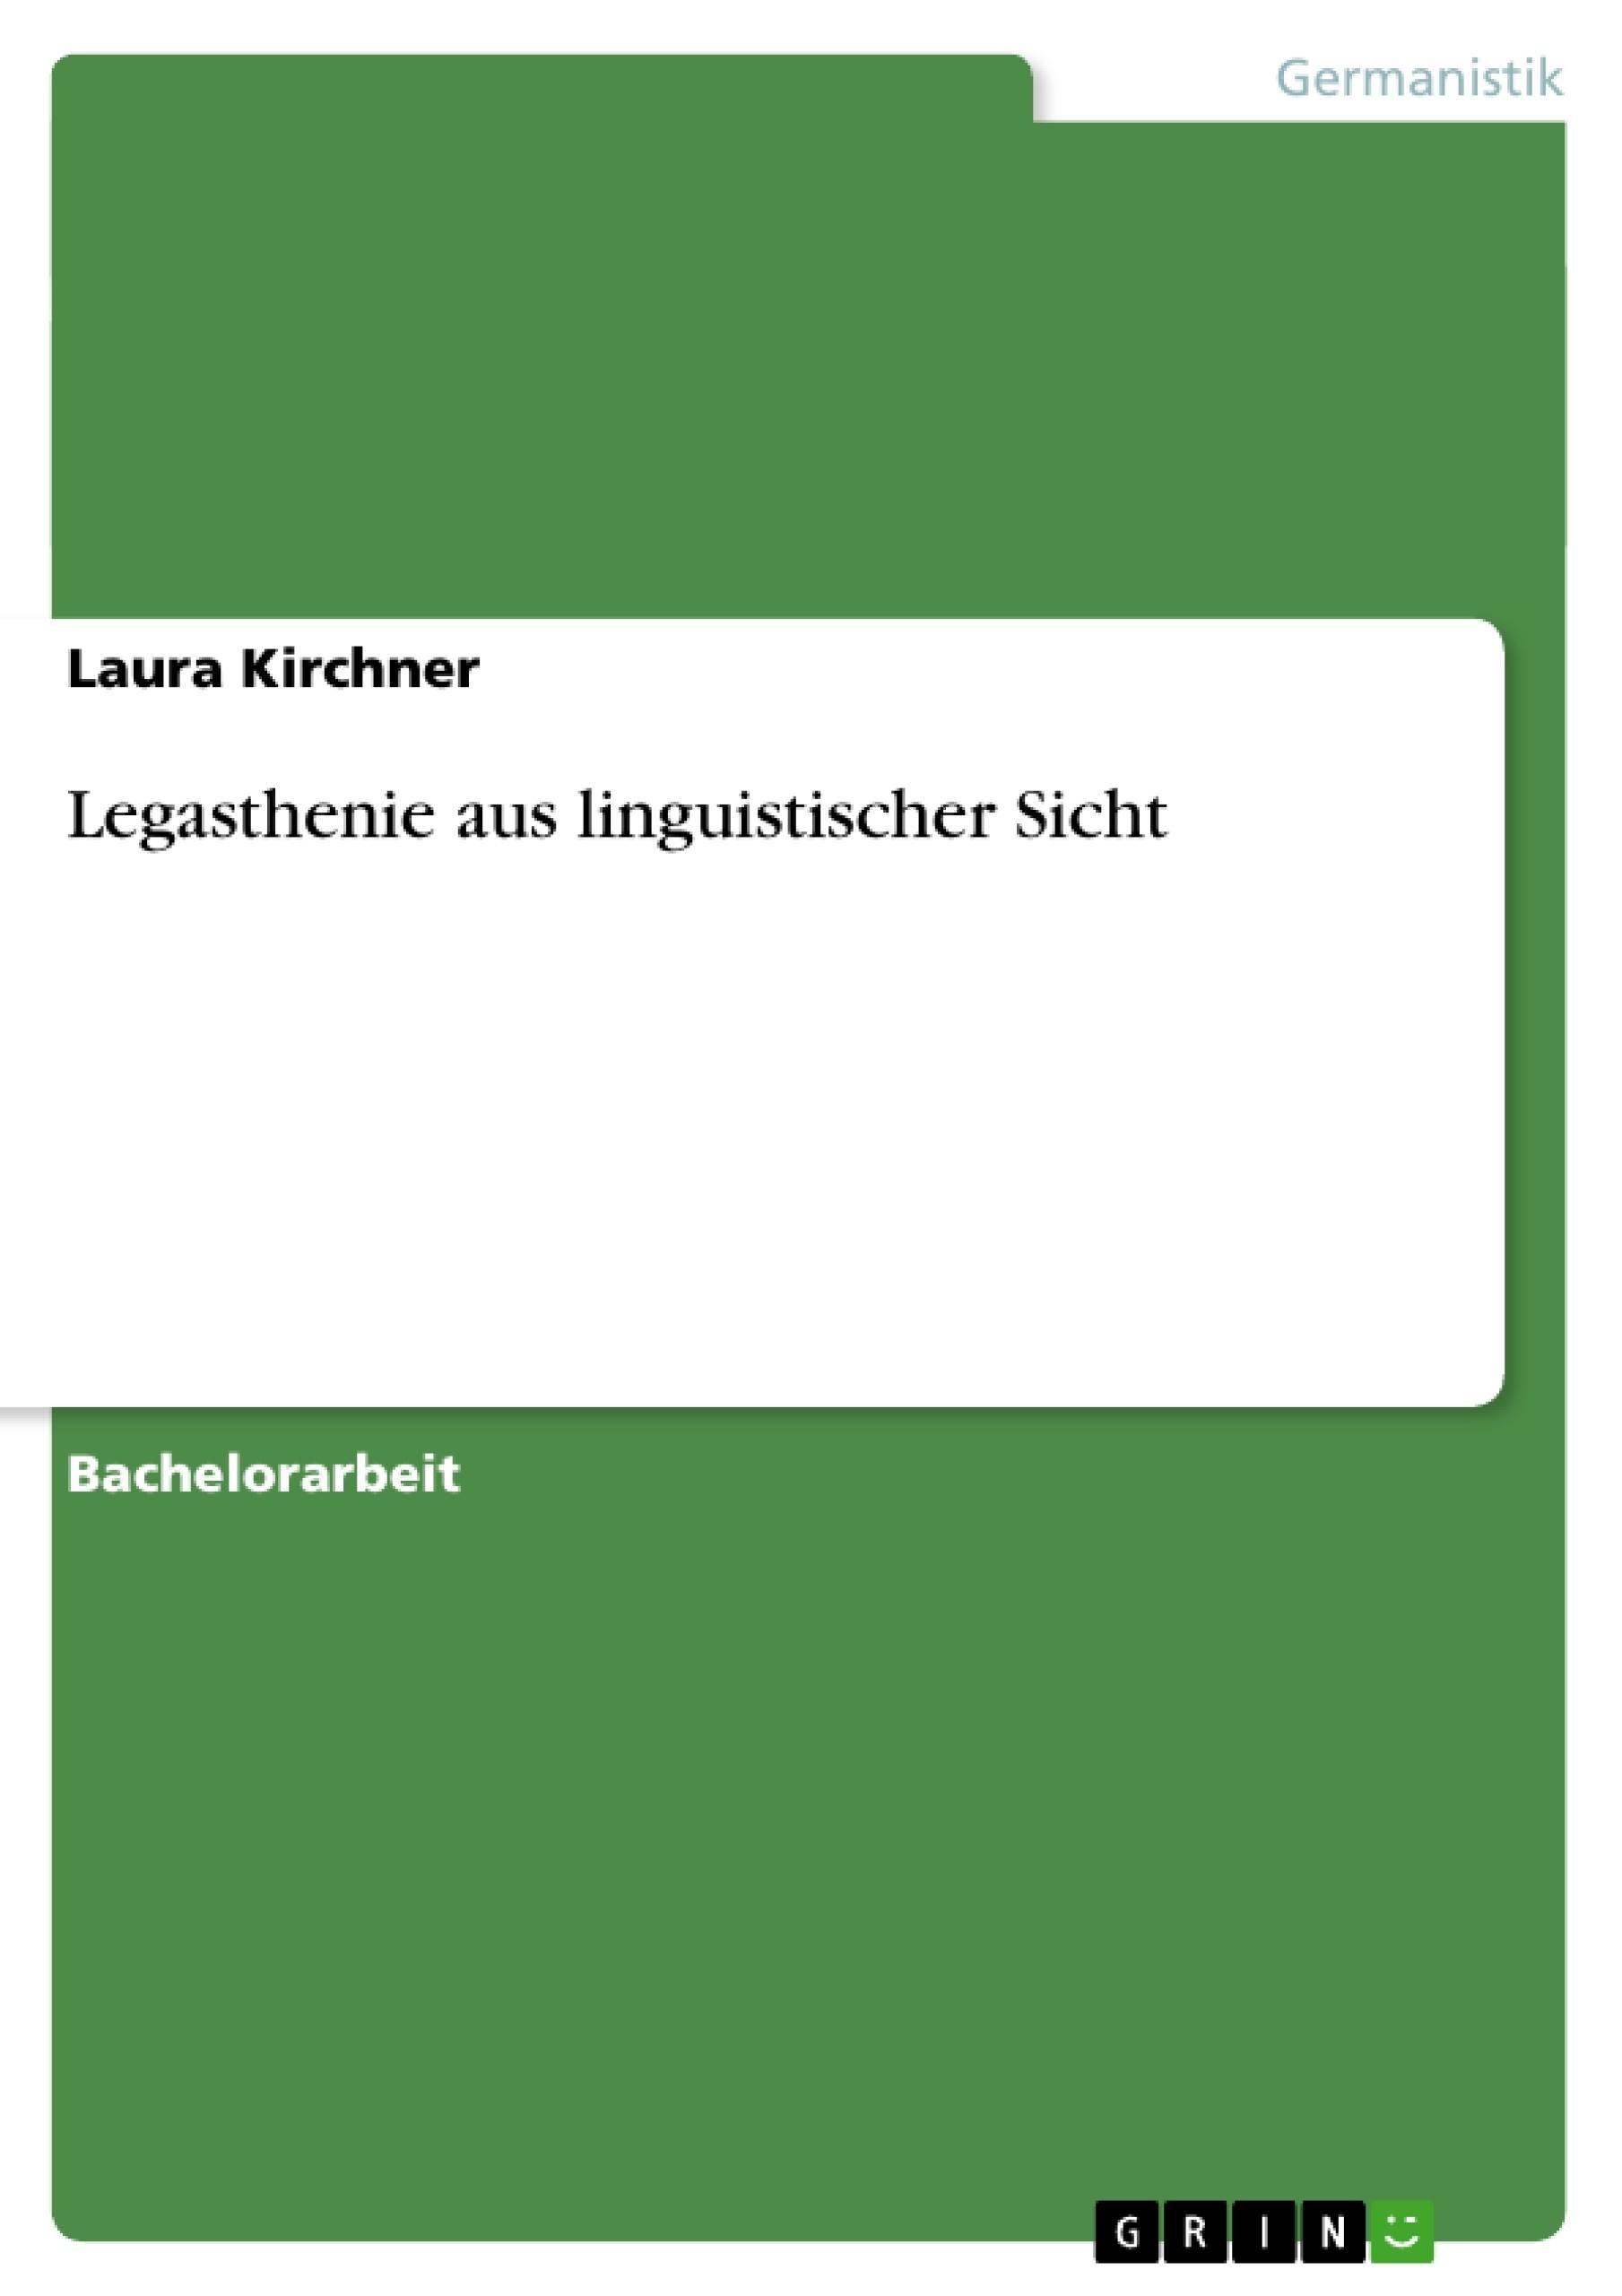 Titel: Legasthenie aus linguistischer Sicht